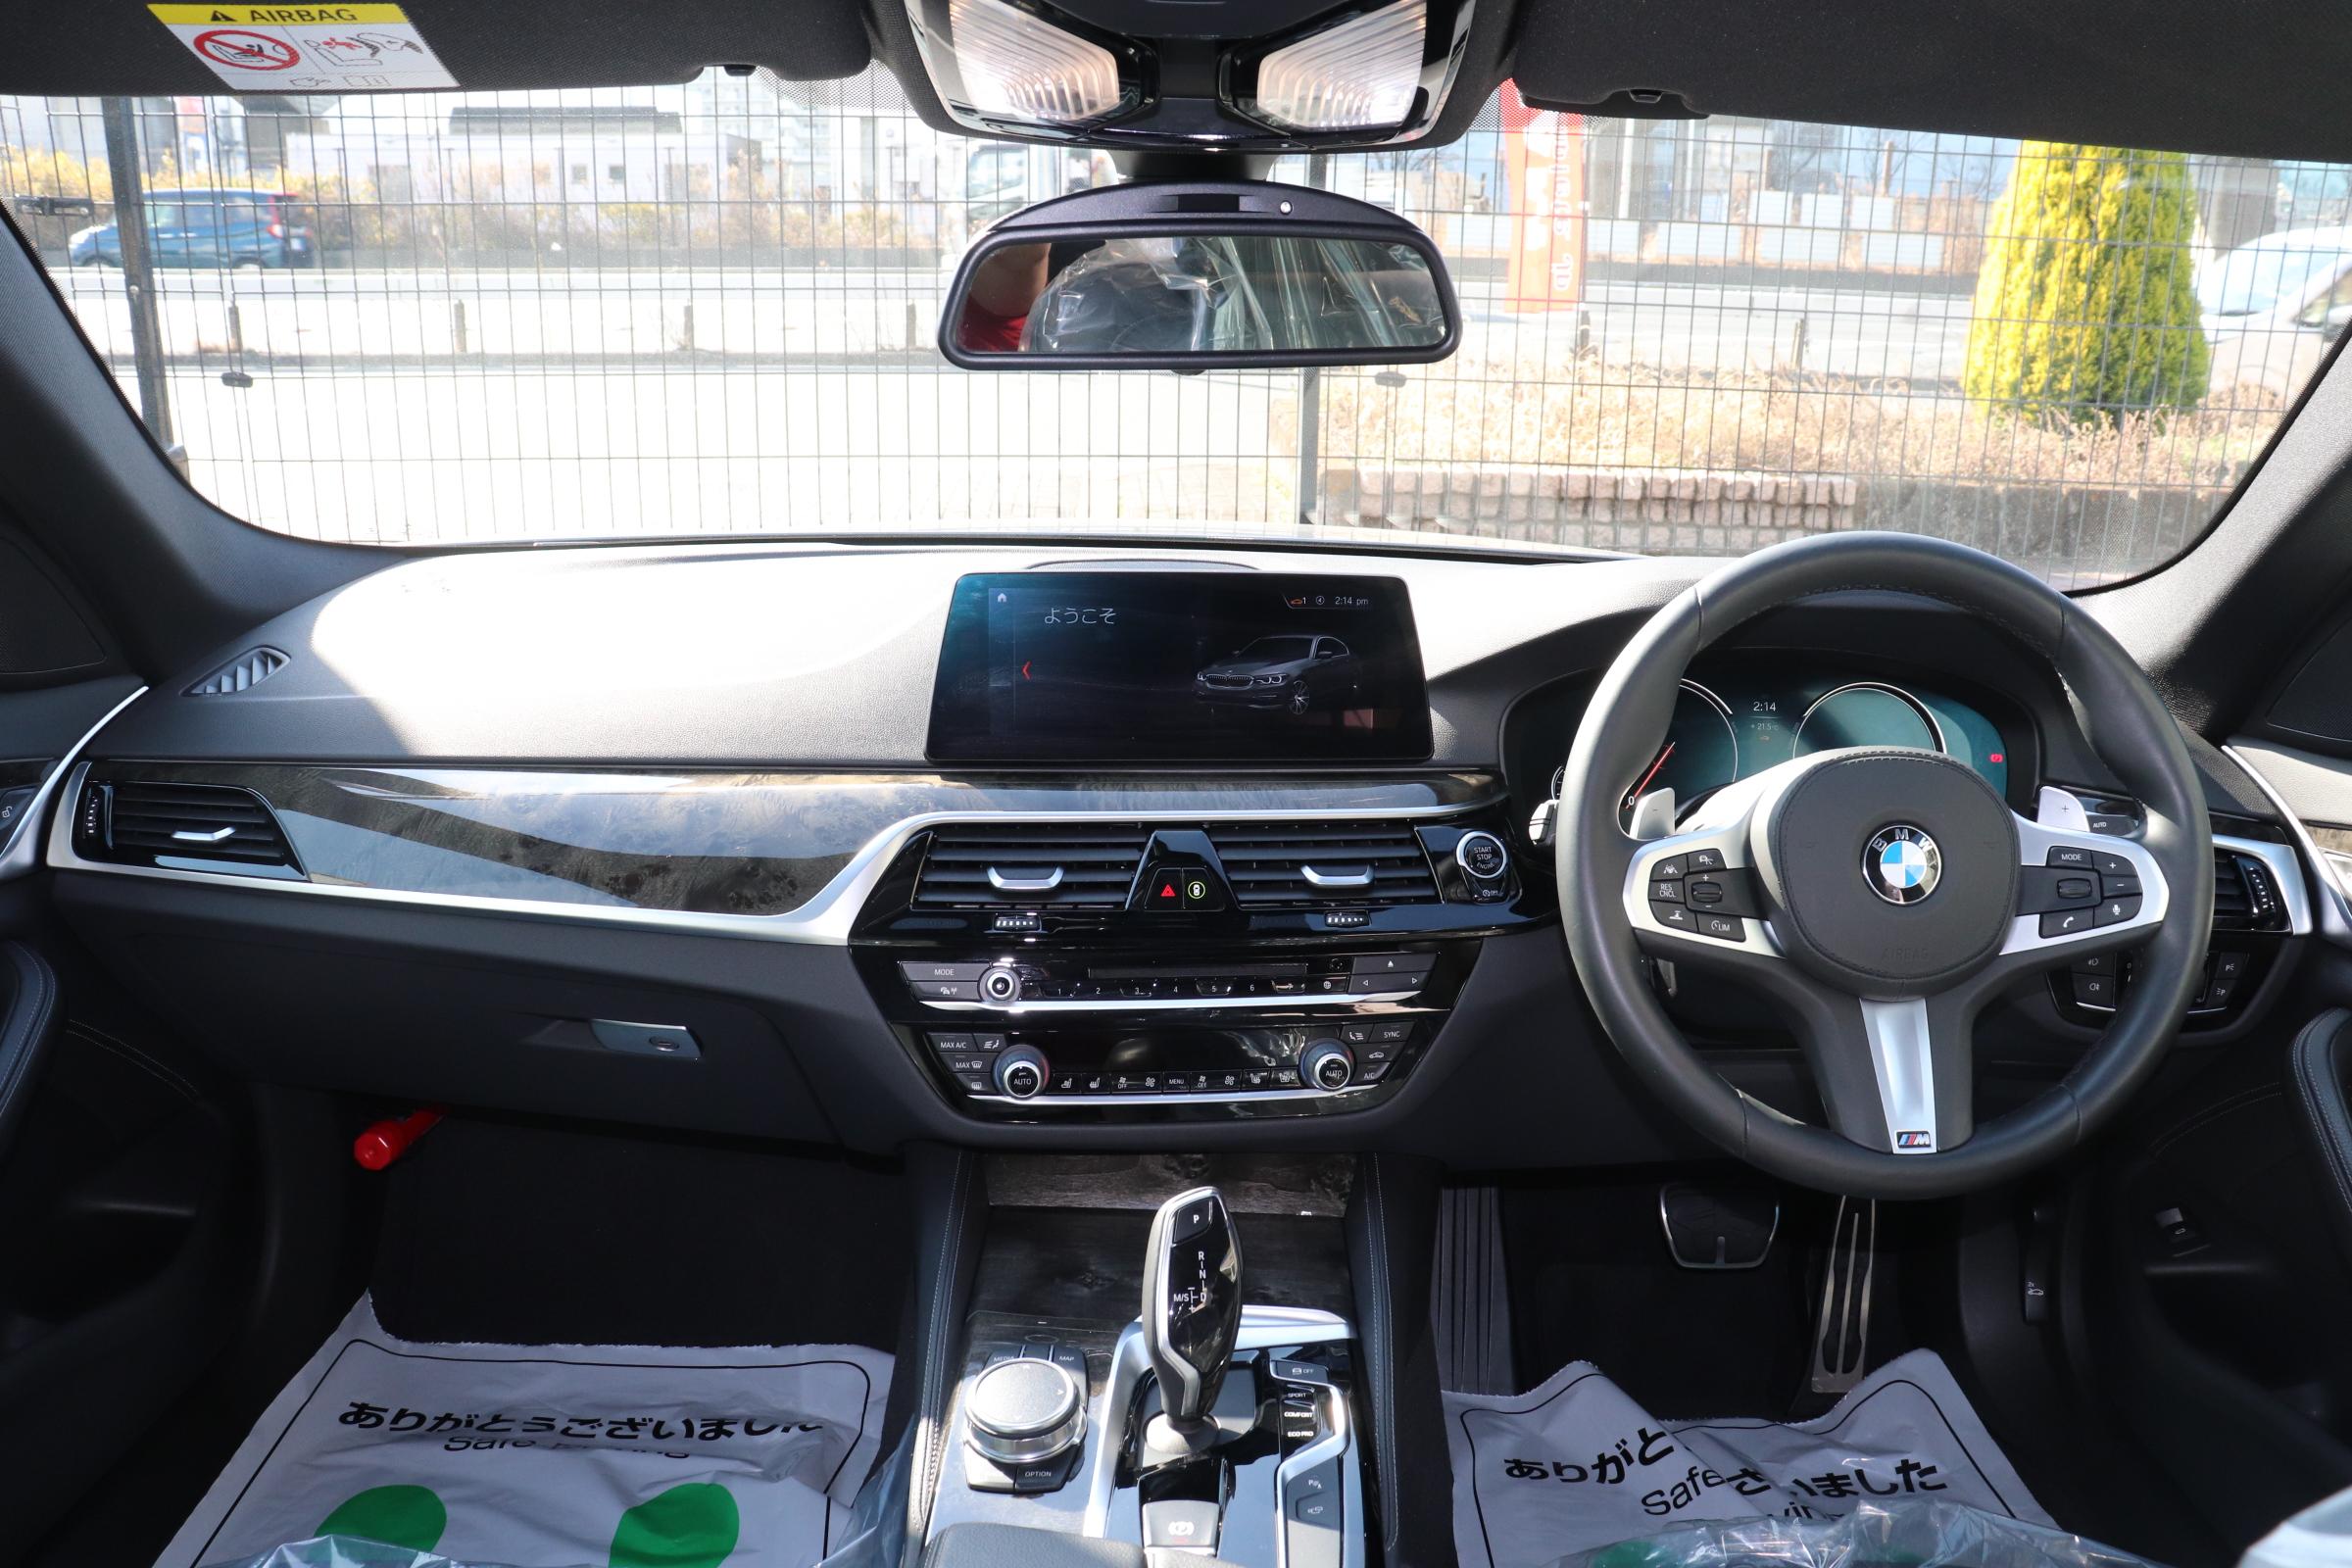 530i Mスポーツ ブラックレザー コンフォート&イノベーションパッケージ車両画像10